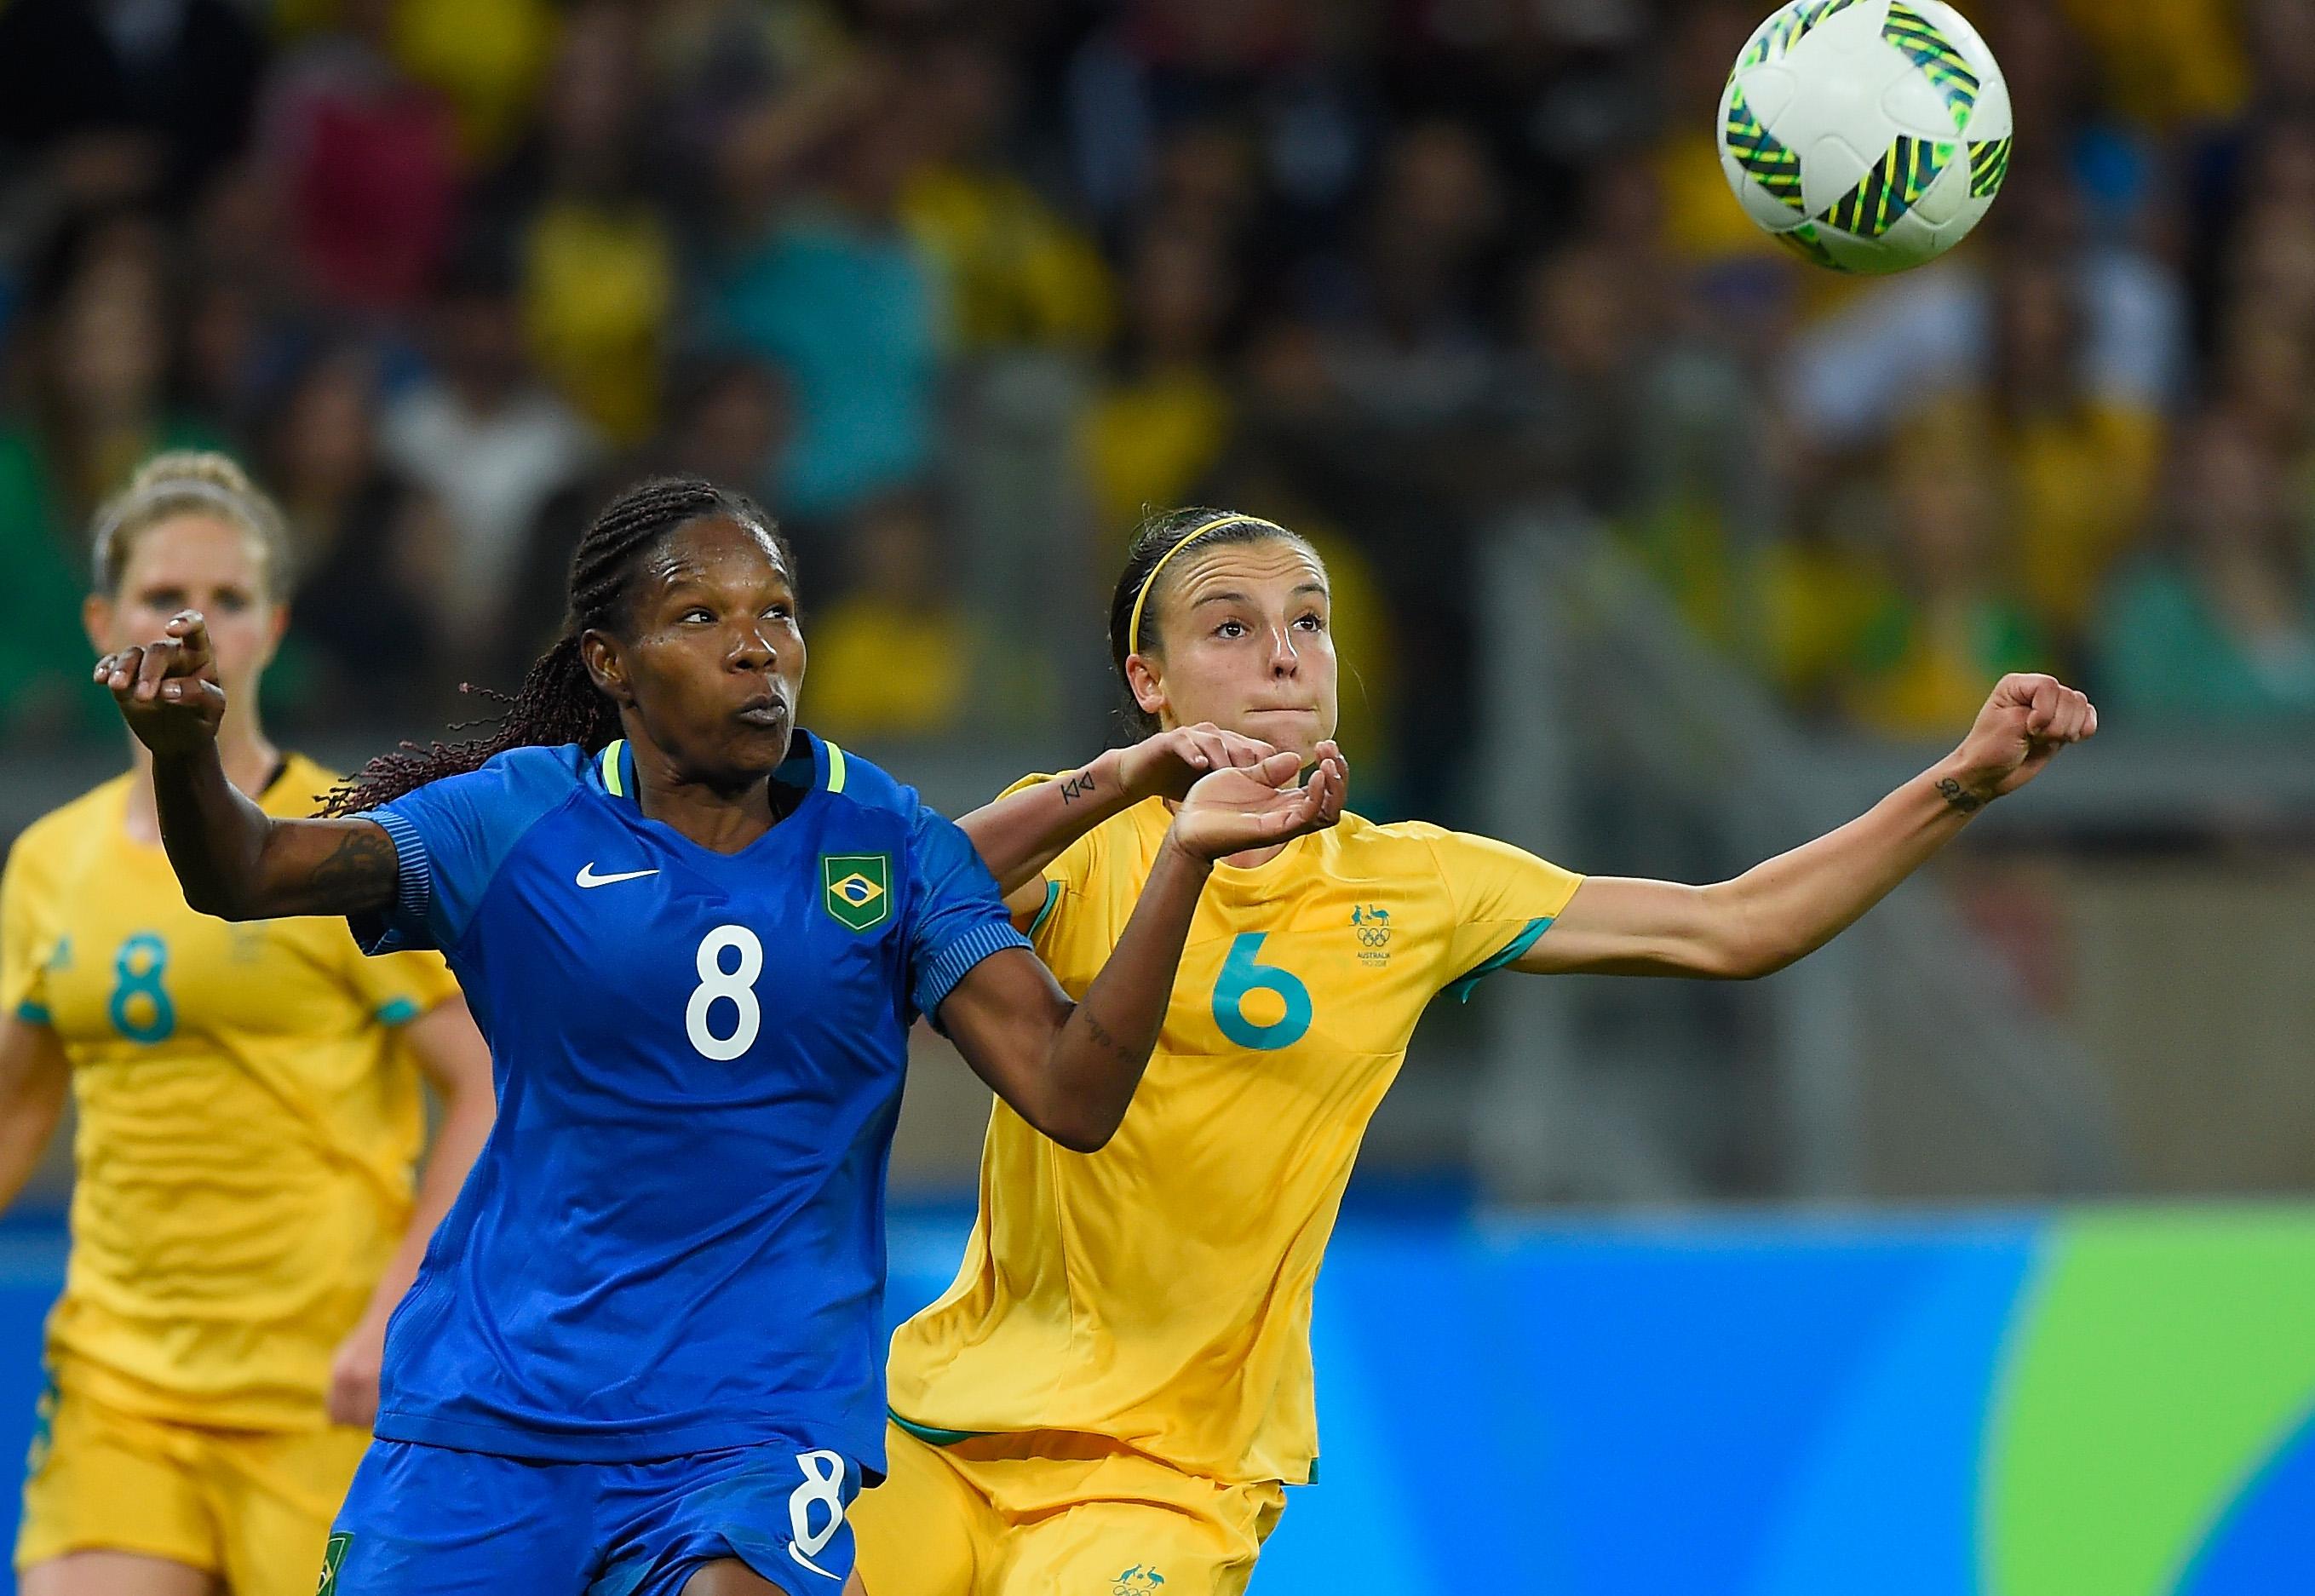 Formiga, da seleção brasileira, disputando bola com Chloe Logarzo, da Austrália, durante jogo das quartas de final das Olimpíadas, em 2016.